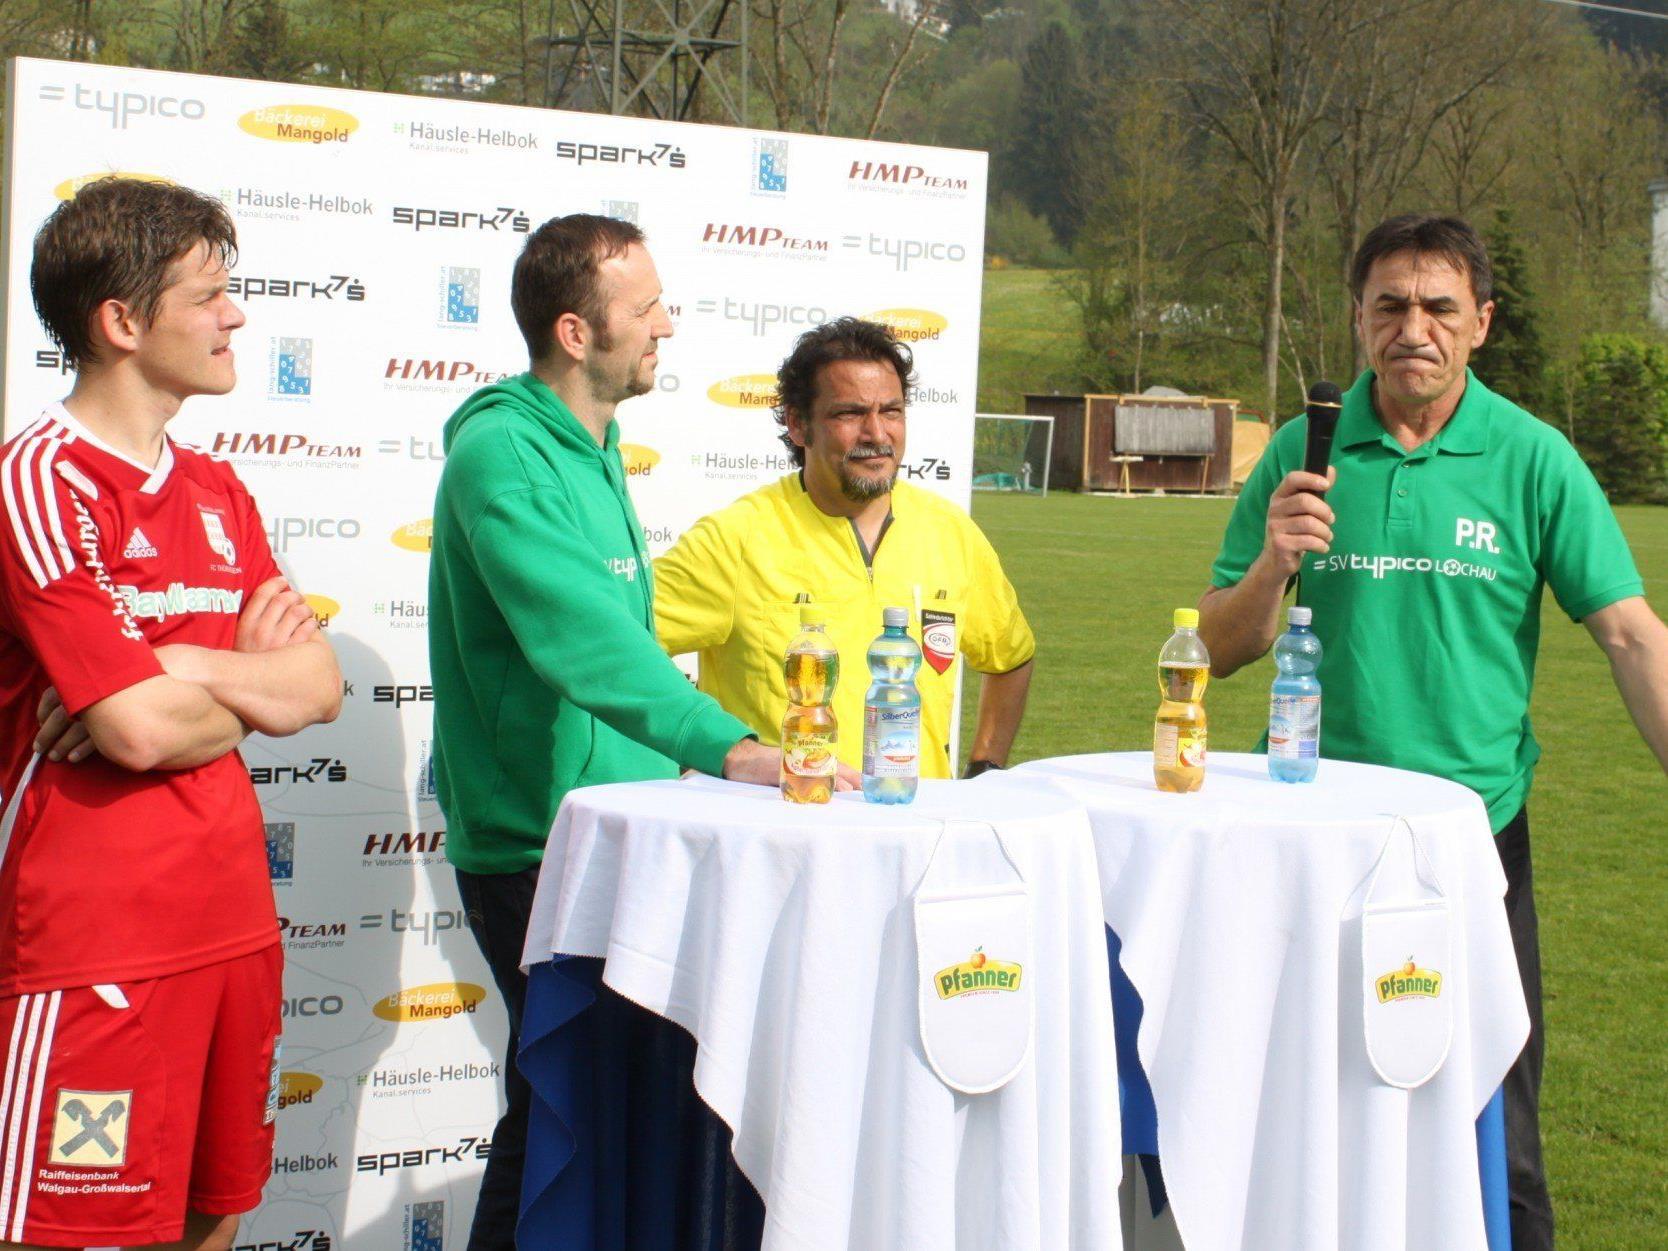 Enttäuschung und Ratlosigkeit bei Trainer Rade Plakalovic (rechts) beim Pressegespräch nach dem Thüringen-Spiel.